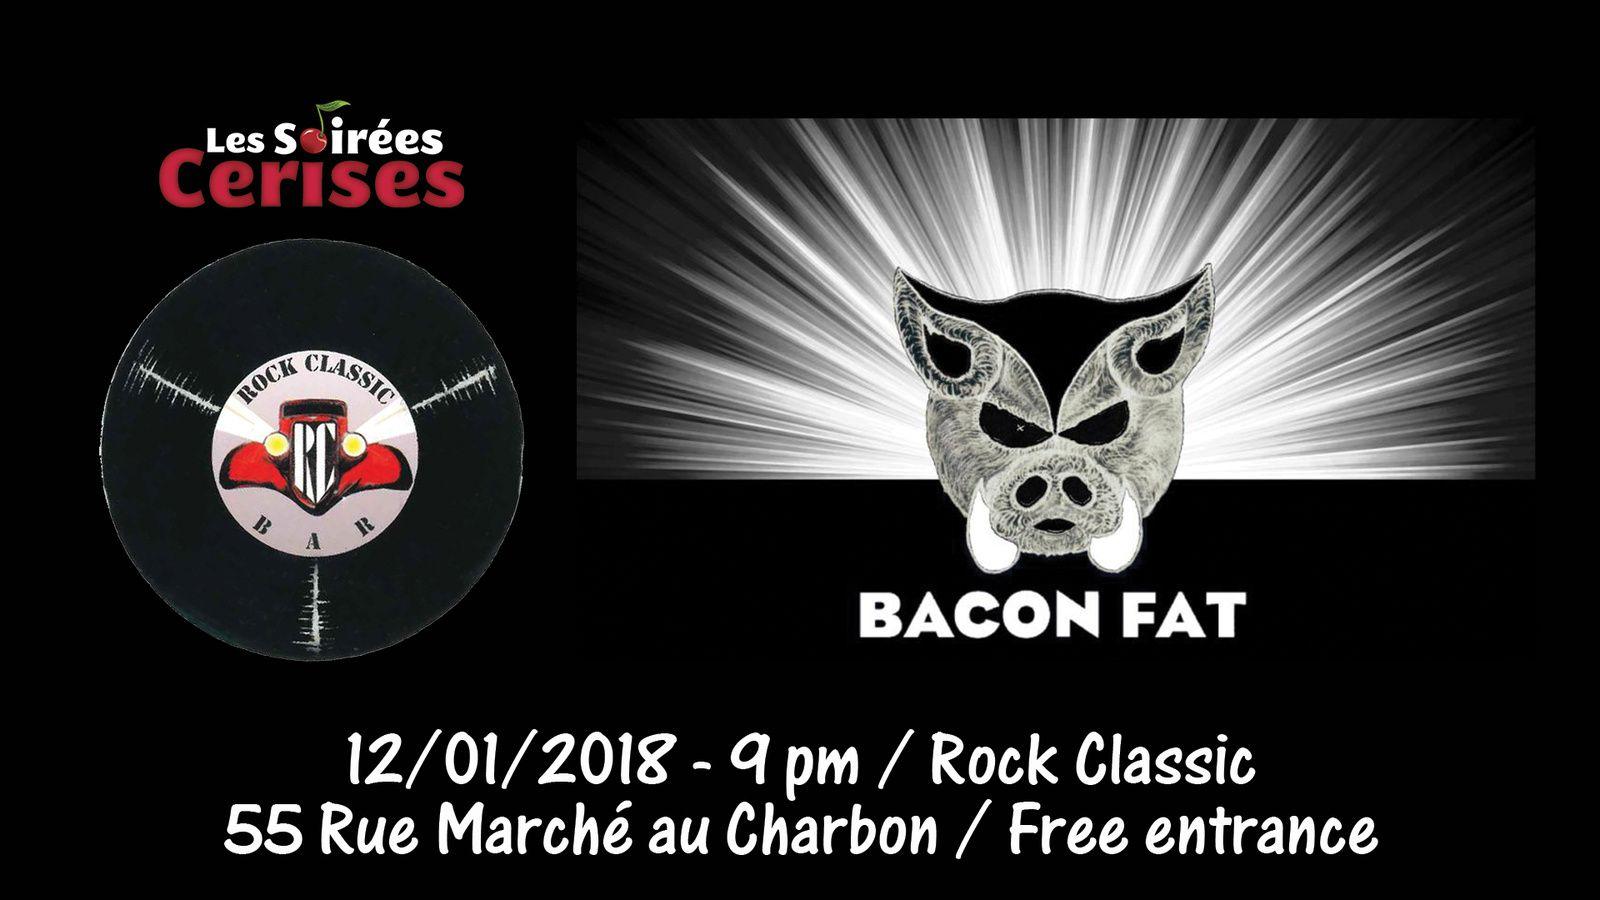 ▶ Bacon Fat @ Rock Classic - 12/01/2017 - 21h00 - Entrée gratuite